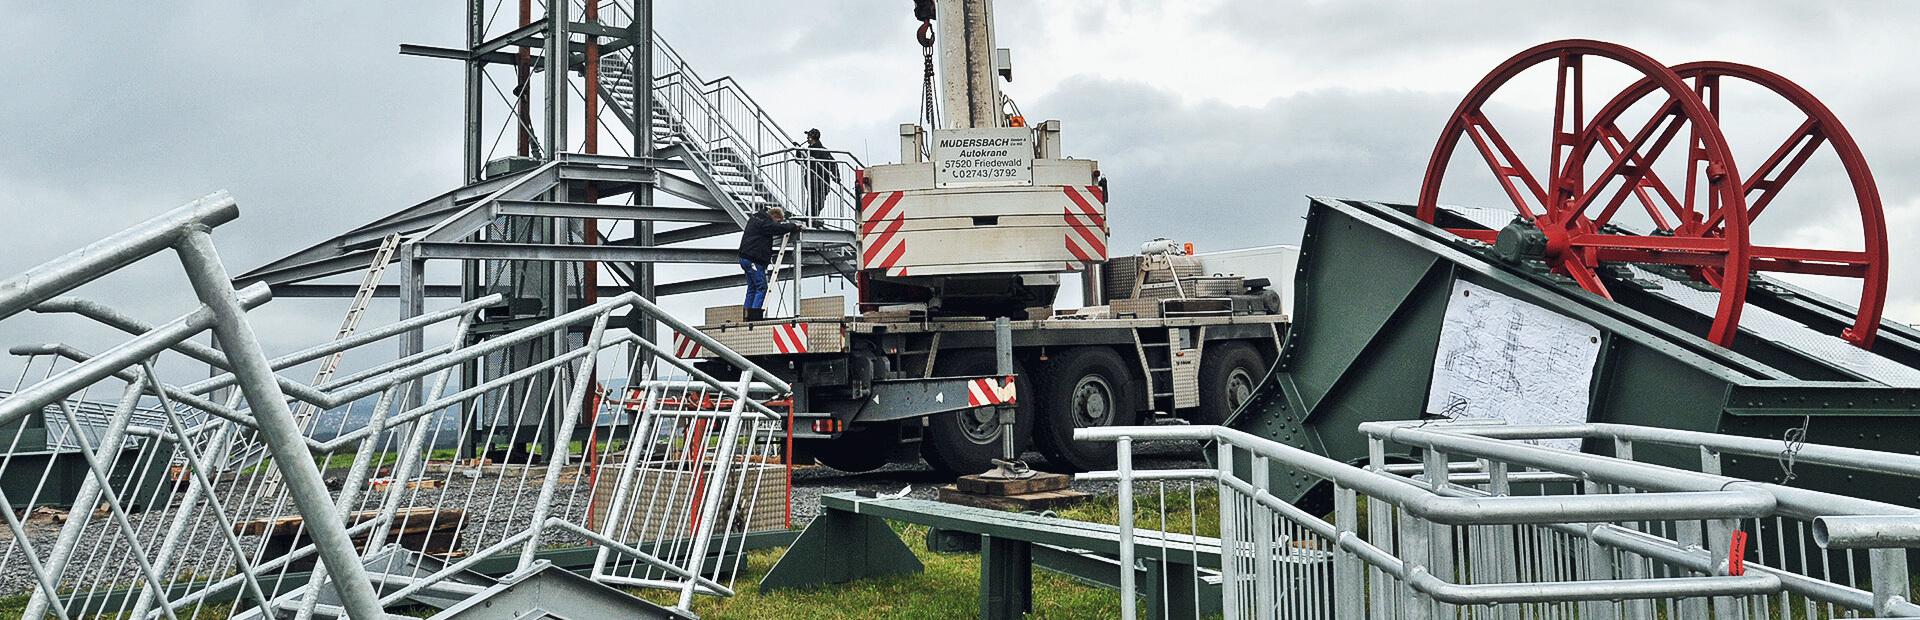 Stahlbau bei Mudersbach: Montage eines Aussichtsturms